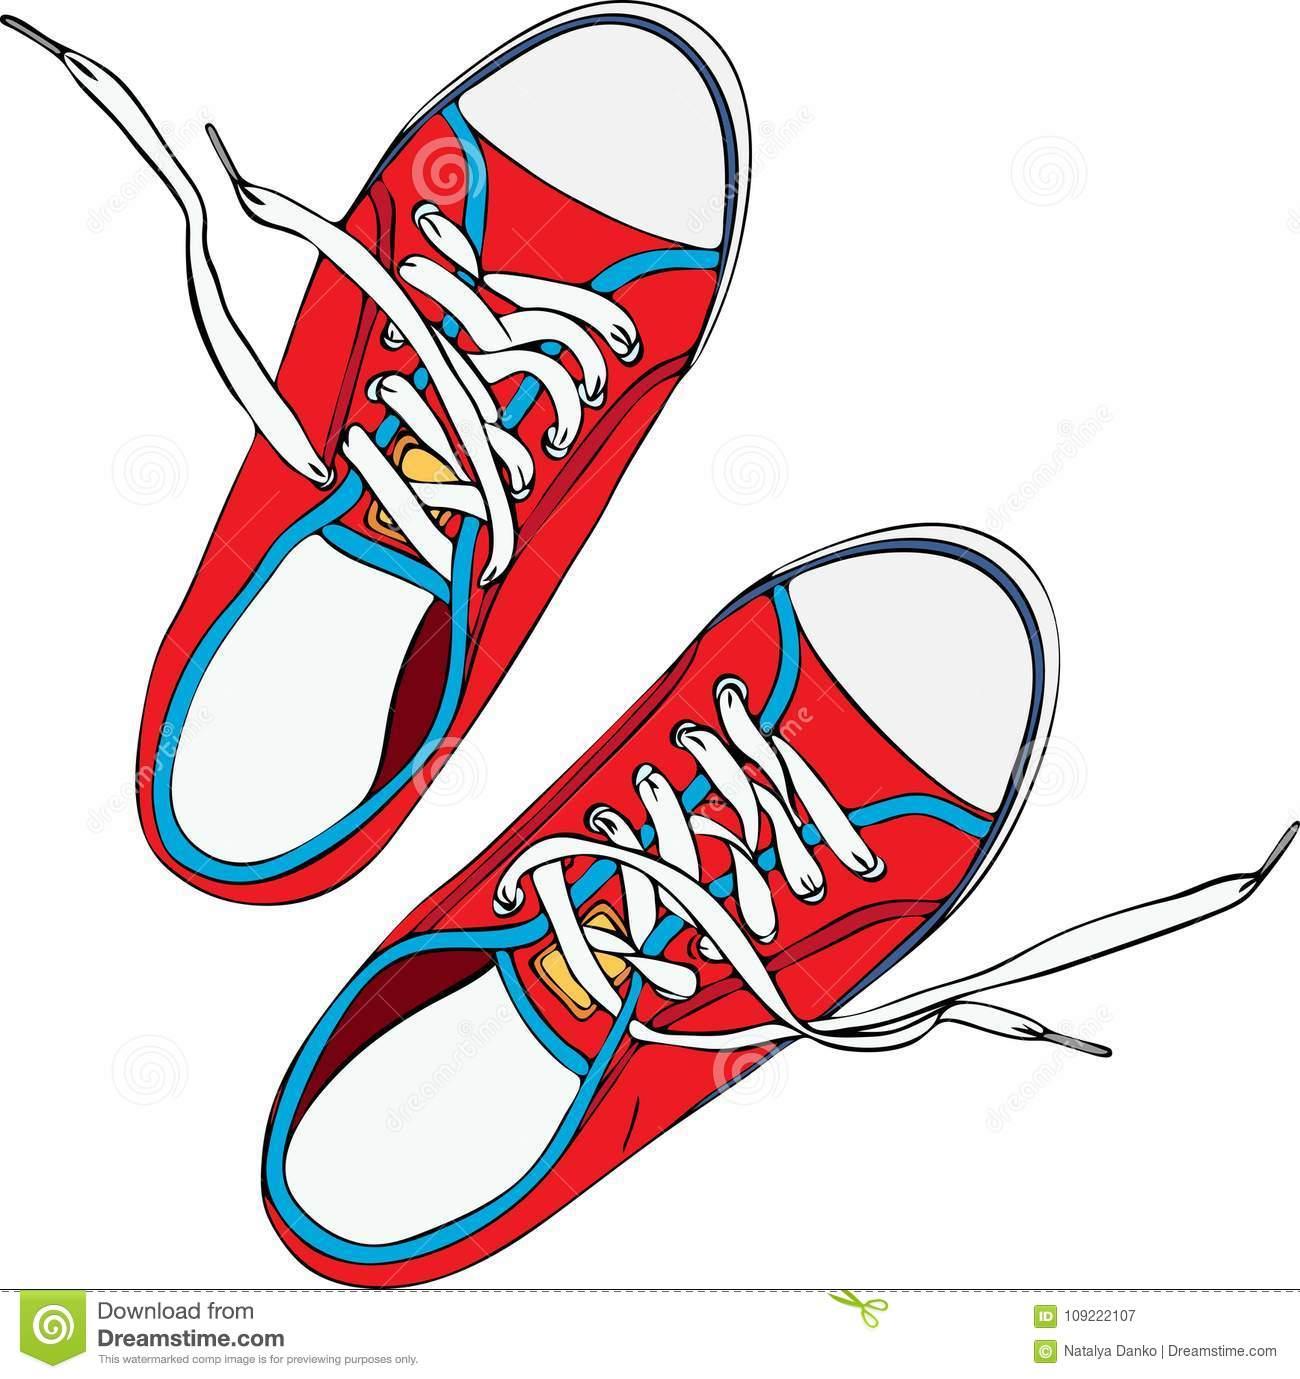 Lace clipart shoe lace. Laces portal